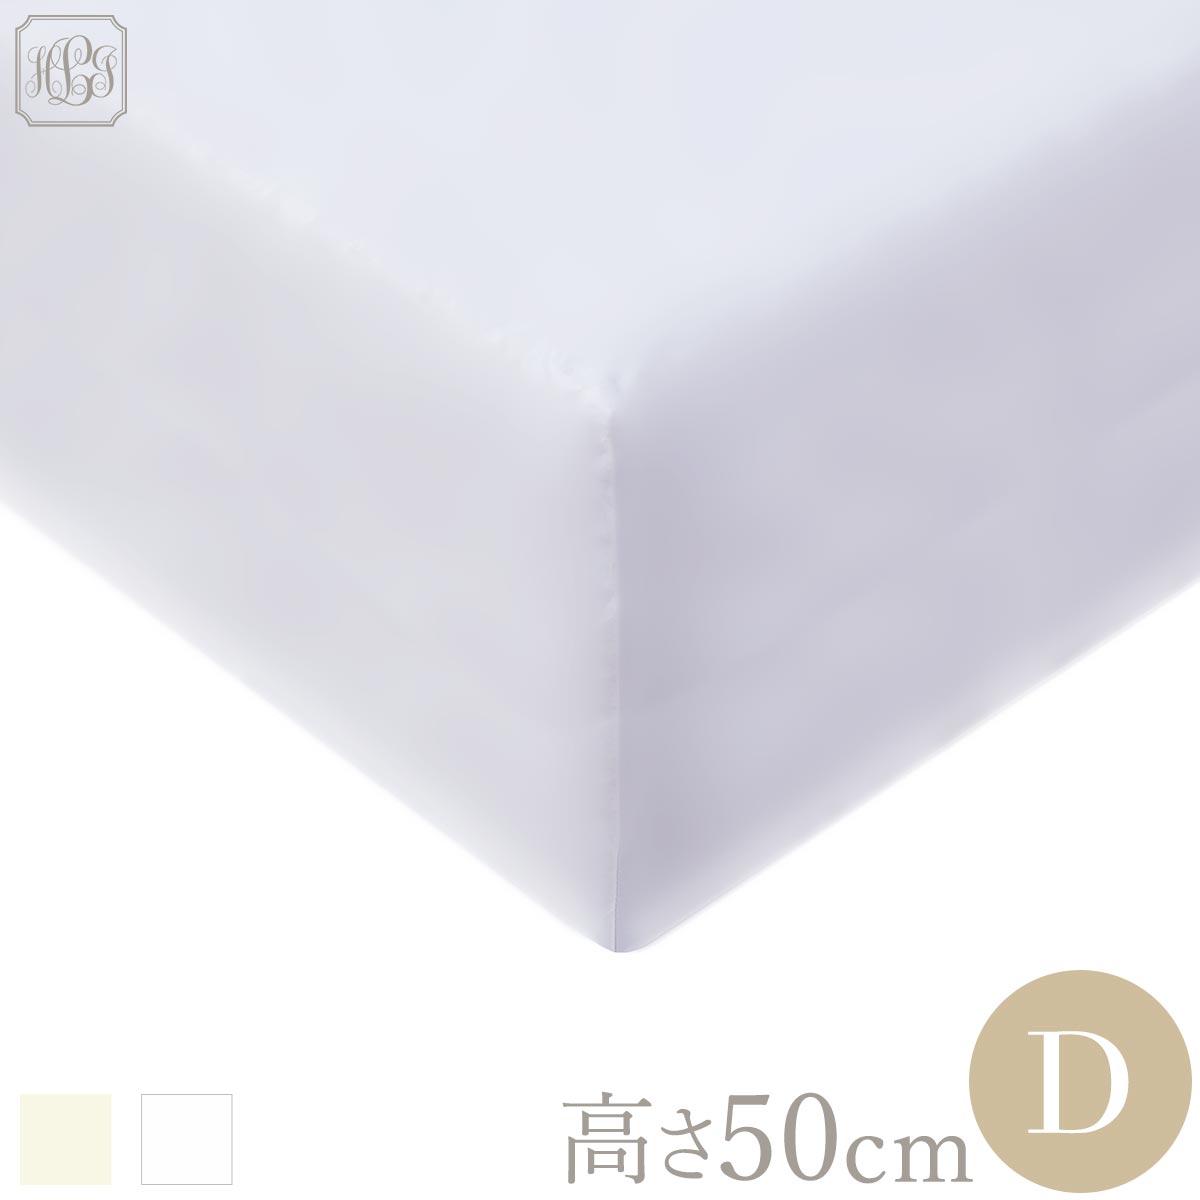 ボックスシーツ | ダブル | 140×200cm | 高さ50cm | 400TC コットンサテン